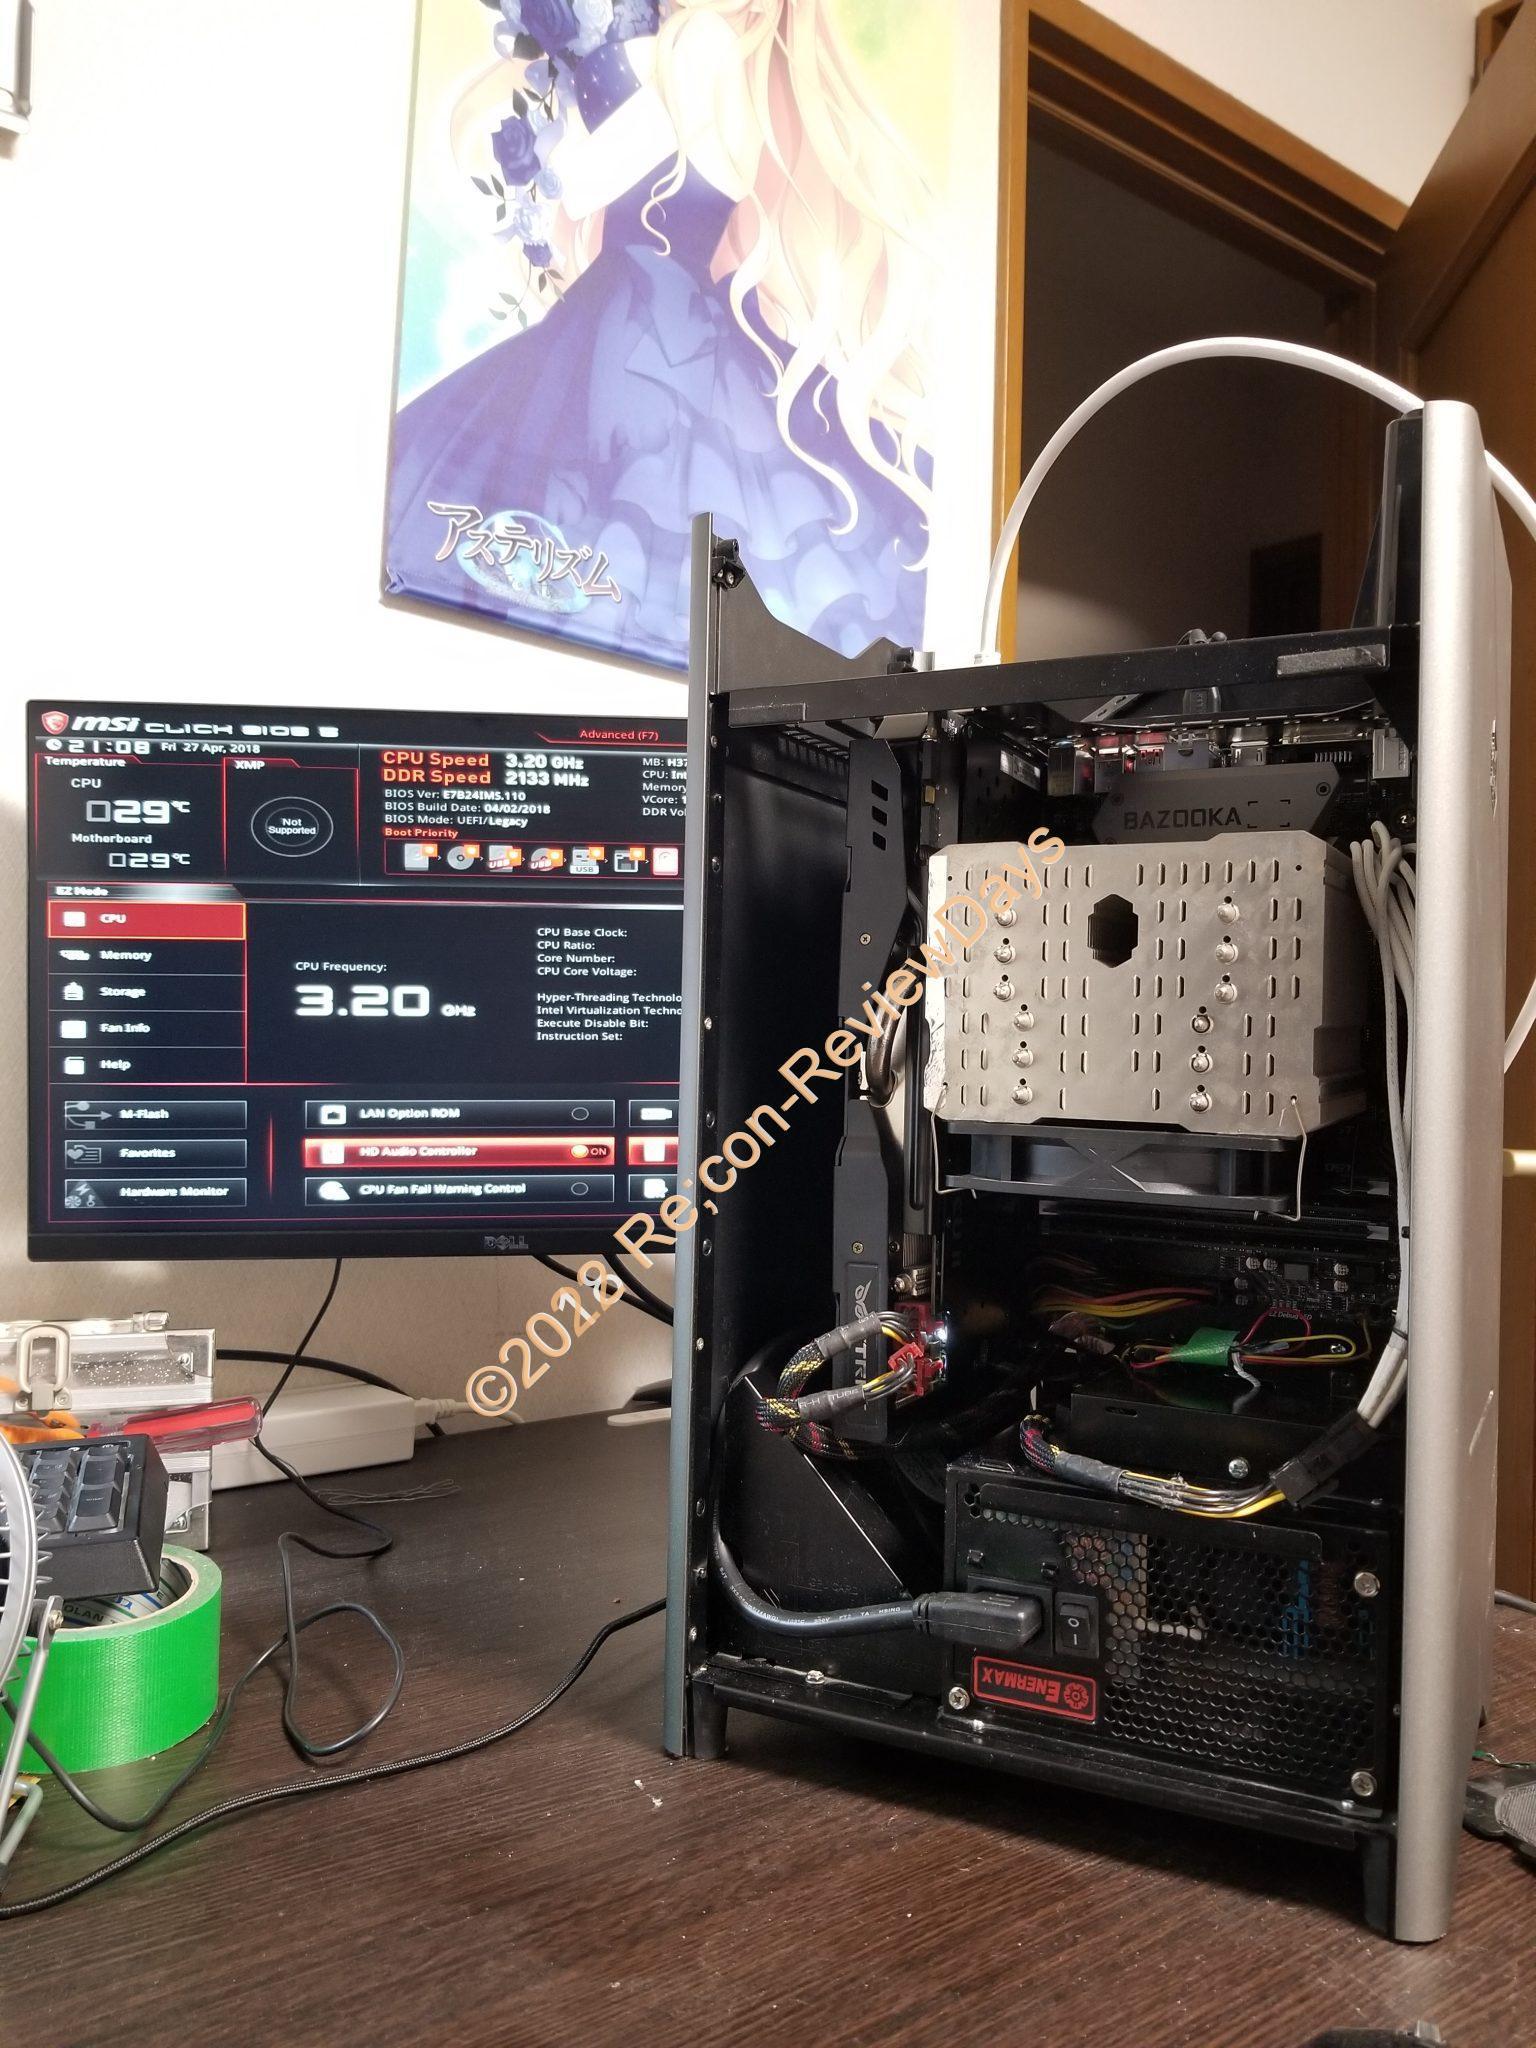 Coffe Lakeで4年ぶりにがっつり自作PCに挑戦してみました #Coffelake #Intel #H370 #自作PC